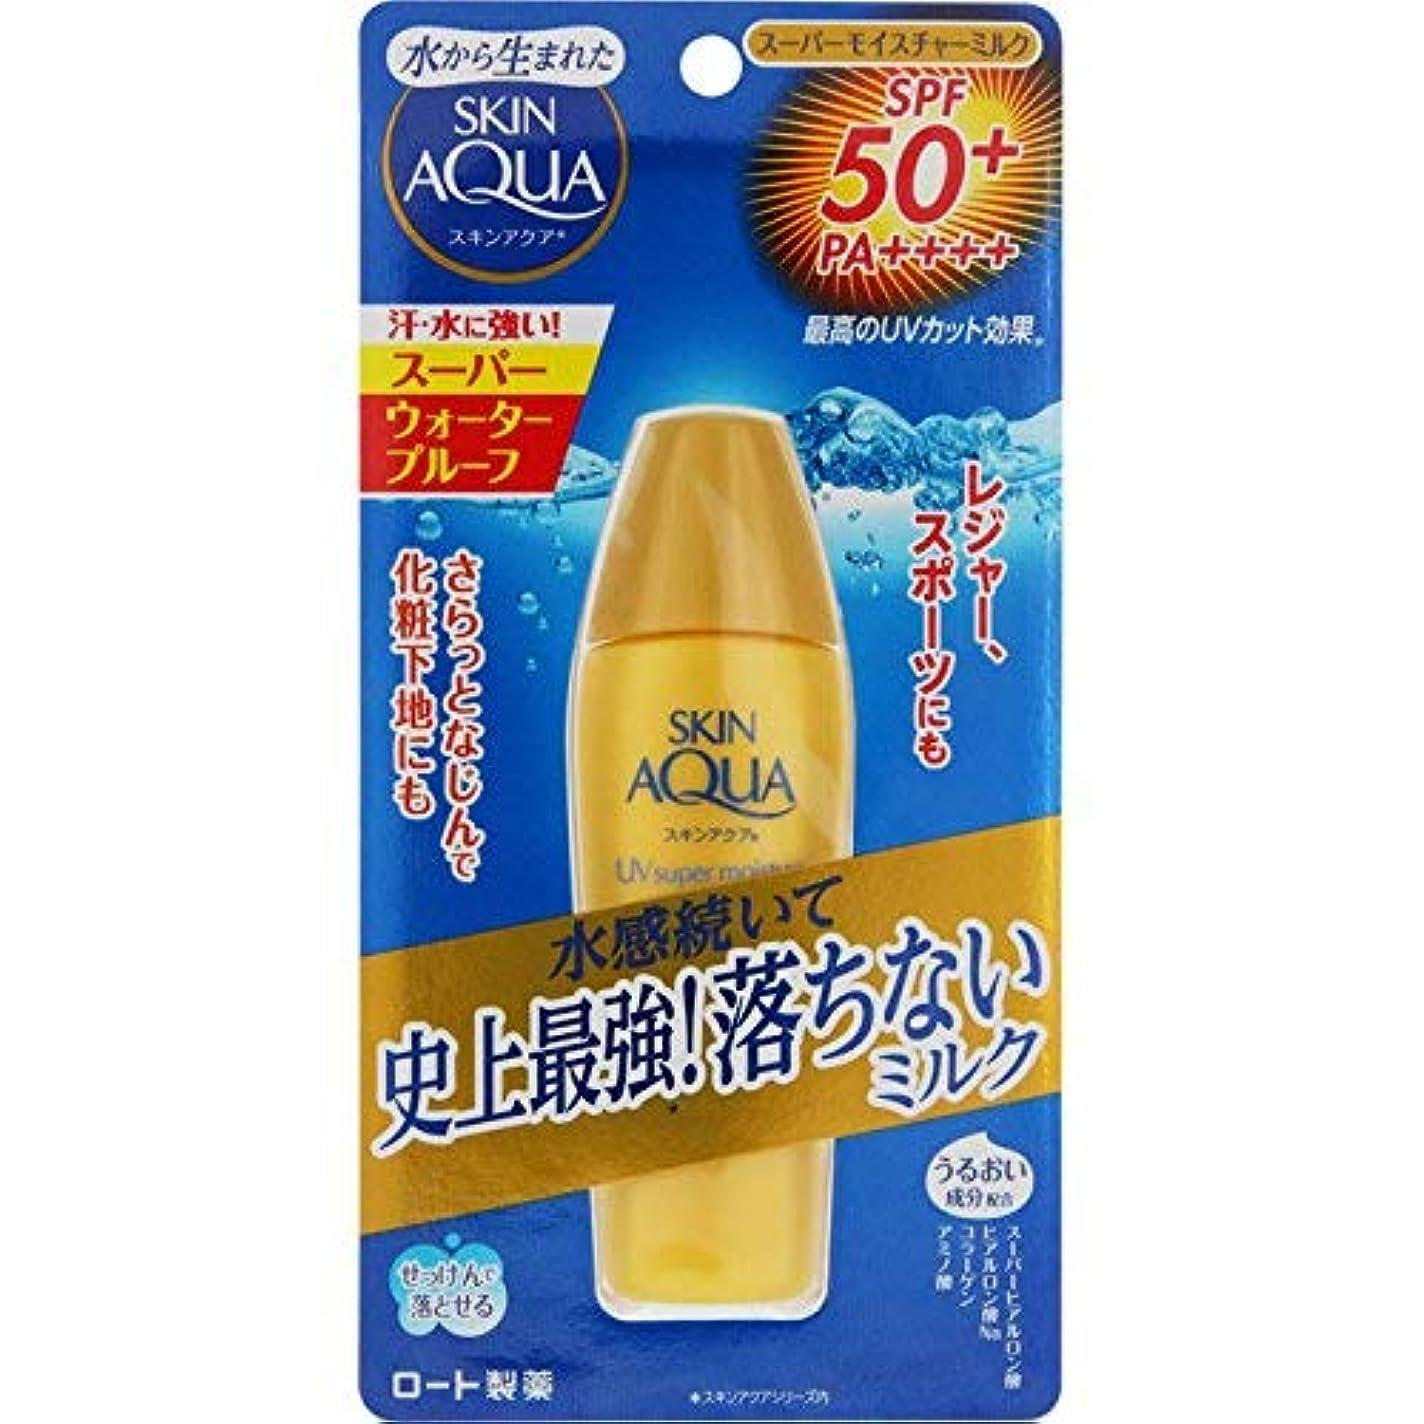 チャーム有毒な保安スキンアクア スーパーモイスチャーミルク (SPF50 PA++++) 40mL ※スーパーウォータープルーフ